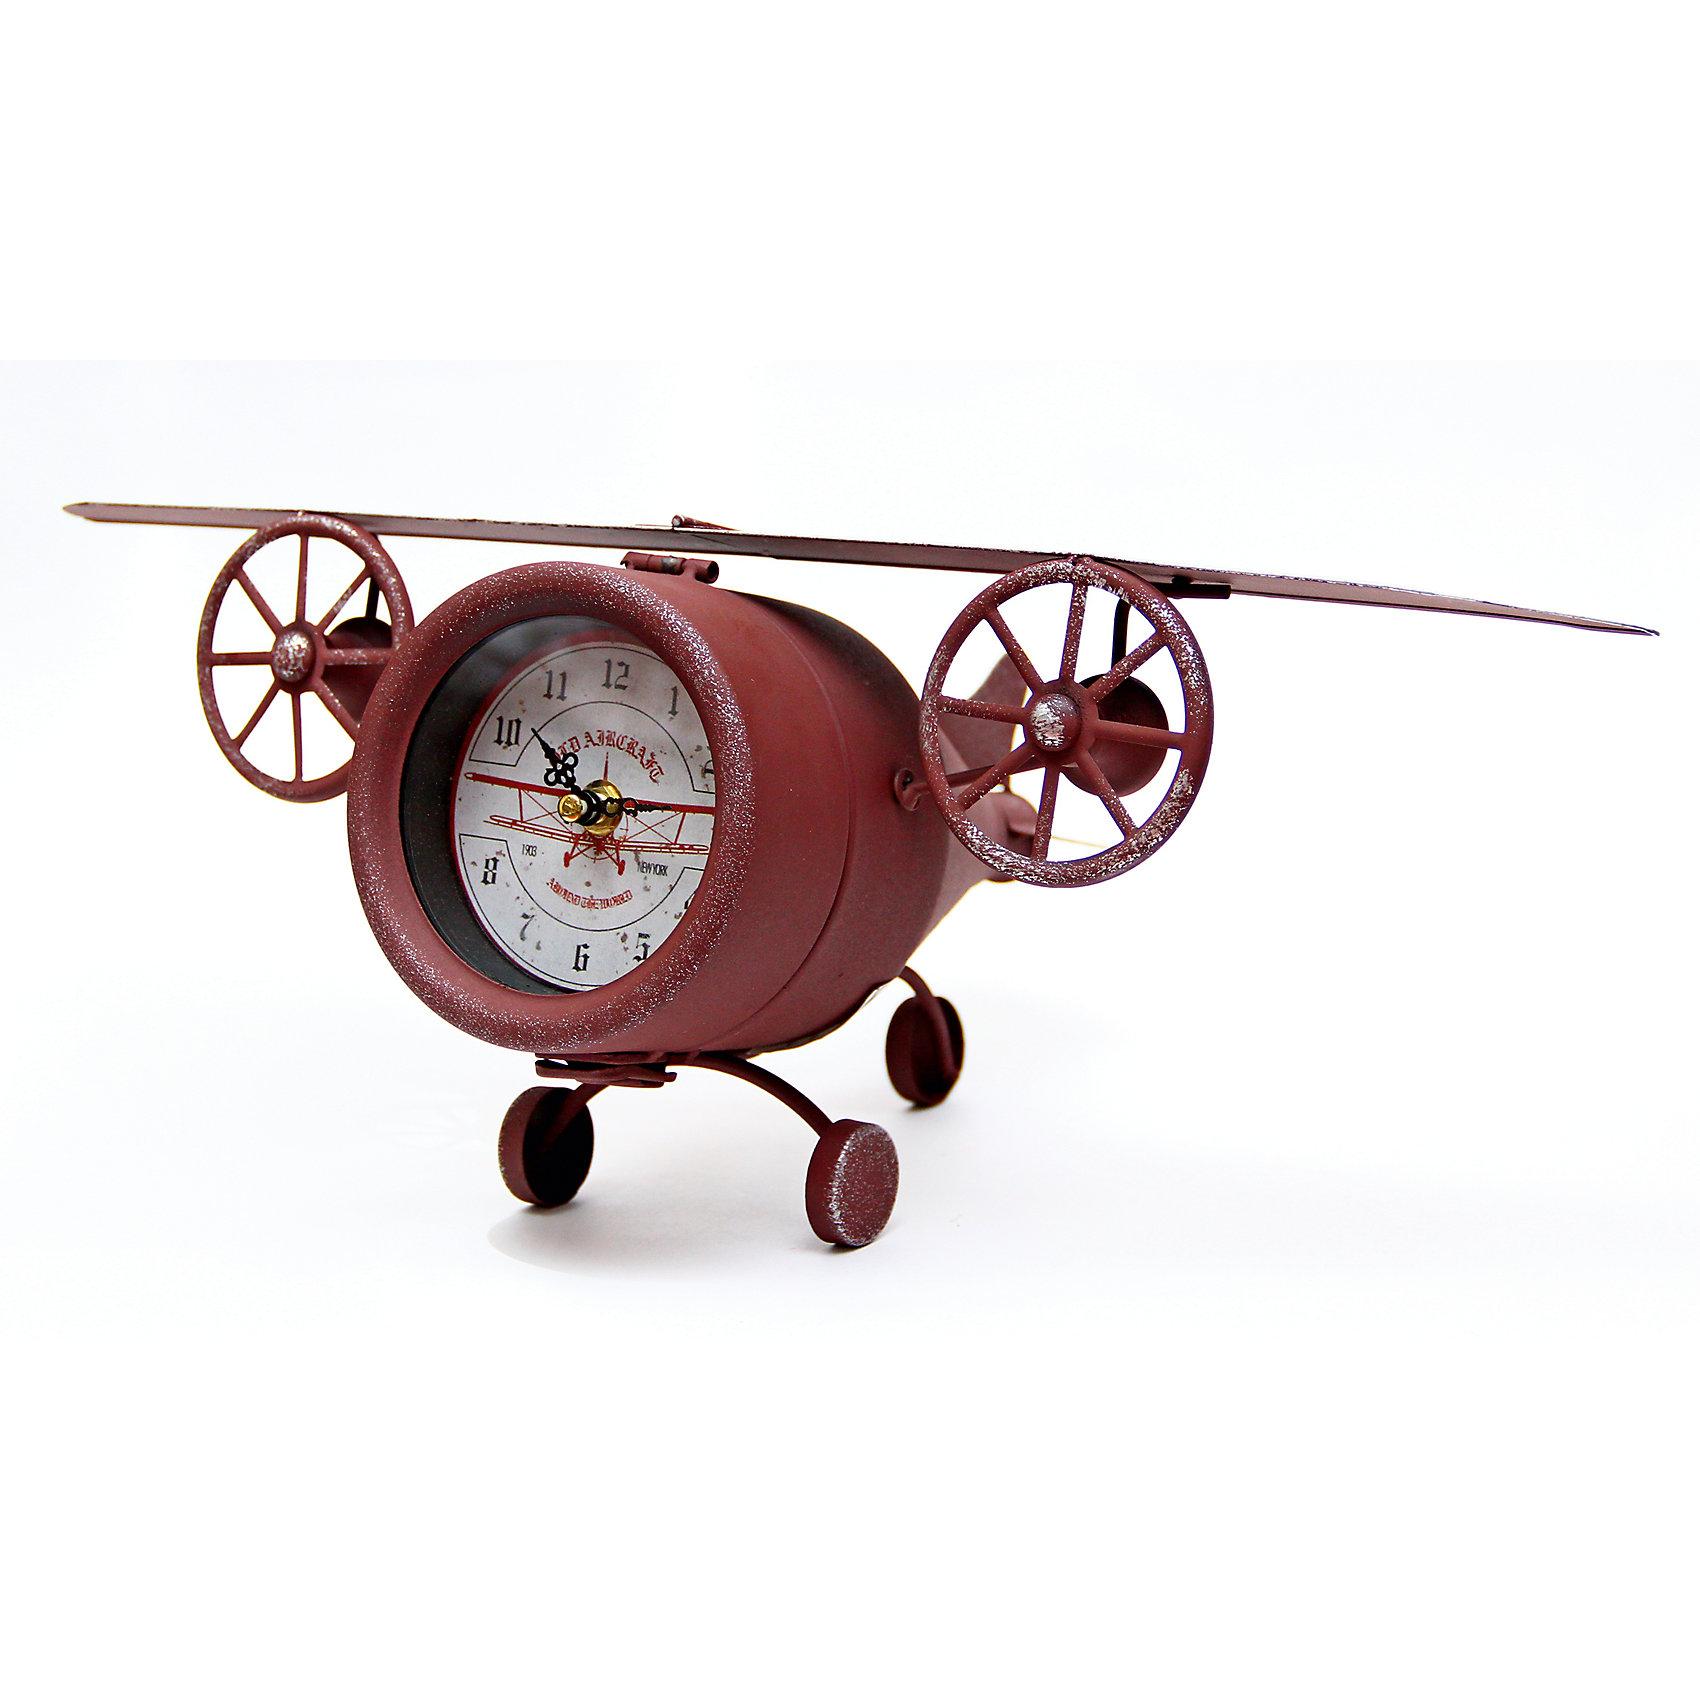 Часы Самолет настольные кварцевые, Феникс-ПрезентЧасы Самолет настольные кварцевые, Феникс-Презент<br><br>Характеристики:<br><br>• оригинальный дизайн в виде самолета<br>• тип часов: кварцевые<br>• размер: 48х25х14 см<br>• материал: металл<br>• материал циферблата: металл с покрытием из принтованной бумаги<br>• батарейки: АА - 1 шт. (не входит в комплект)<br><br>Настольные кварцевые часы в виде самолета станут отличным подарком ценителю оригинальных аксессуаров. Часы покажут точное время и сделают интерьер комнаты еще привлекательнее. Корпус изготовлен из металла, а циферблат дополнен покрытием из принтованной бумаги.<br><br>Часы Самолет настольные кварцевые, Феникс-Презент можно купить в нашем интернет-магазине.<br><br>Ширина мм: 480<br>Глубина мм: 250<br>Высота мм: 170<br>Вес г: 817<br>Возраст от месяцев: 120<br>Возраст до месяцев: 2147483647<br>Пол: Унисекс<br>Возраст: Детский<br>SKU: 5449710